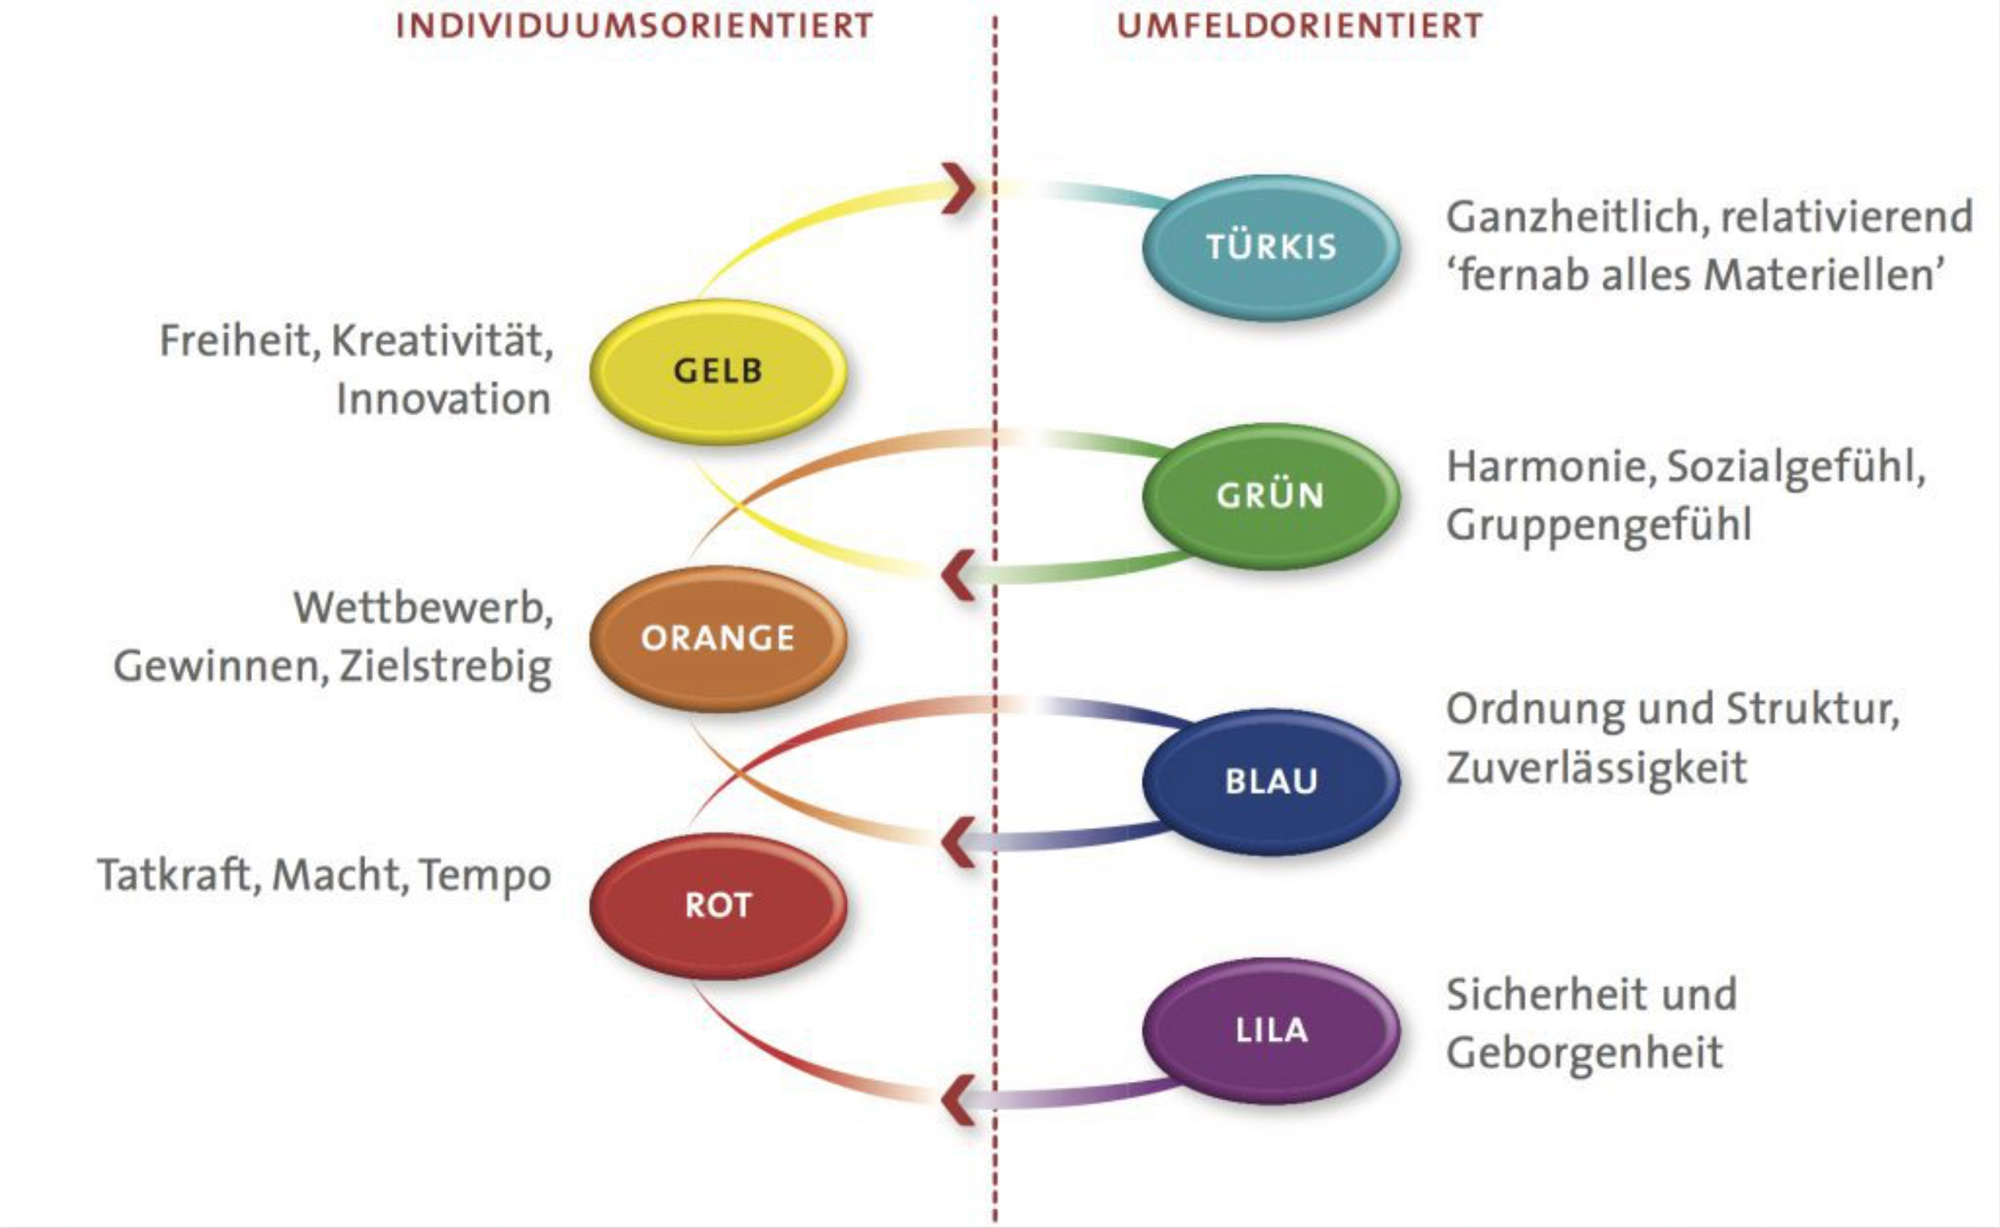 Das Profile Dynamics Model von Graves identifiziert sieben Individuum- bzw. gruppenorientierte Antriebsmuster, die das Denken und Handeln von Menschen maßgeblich bestimmen.